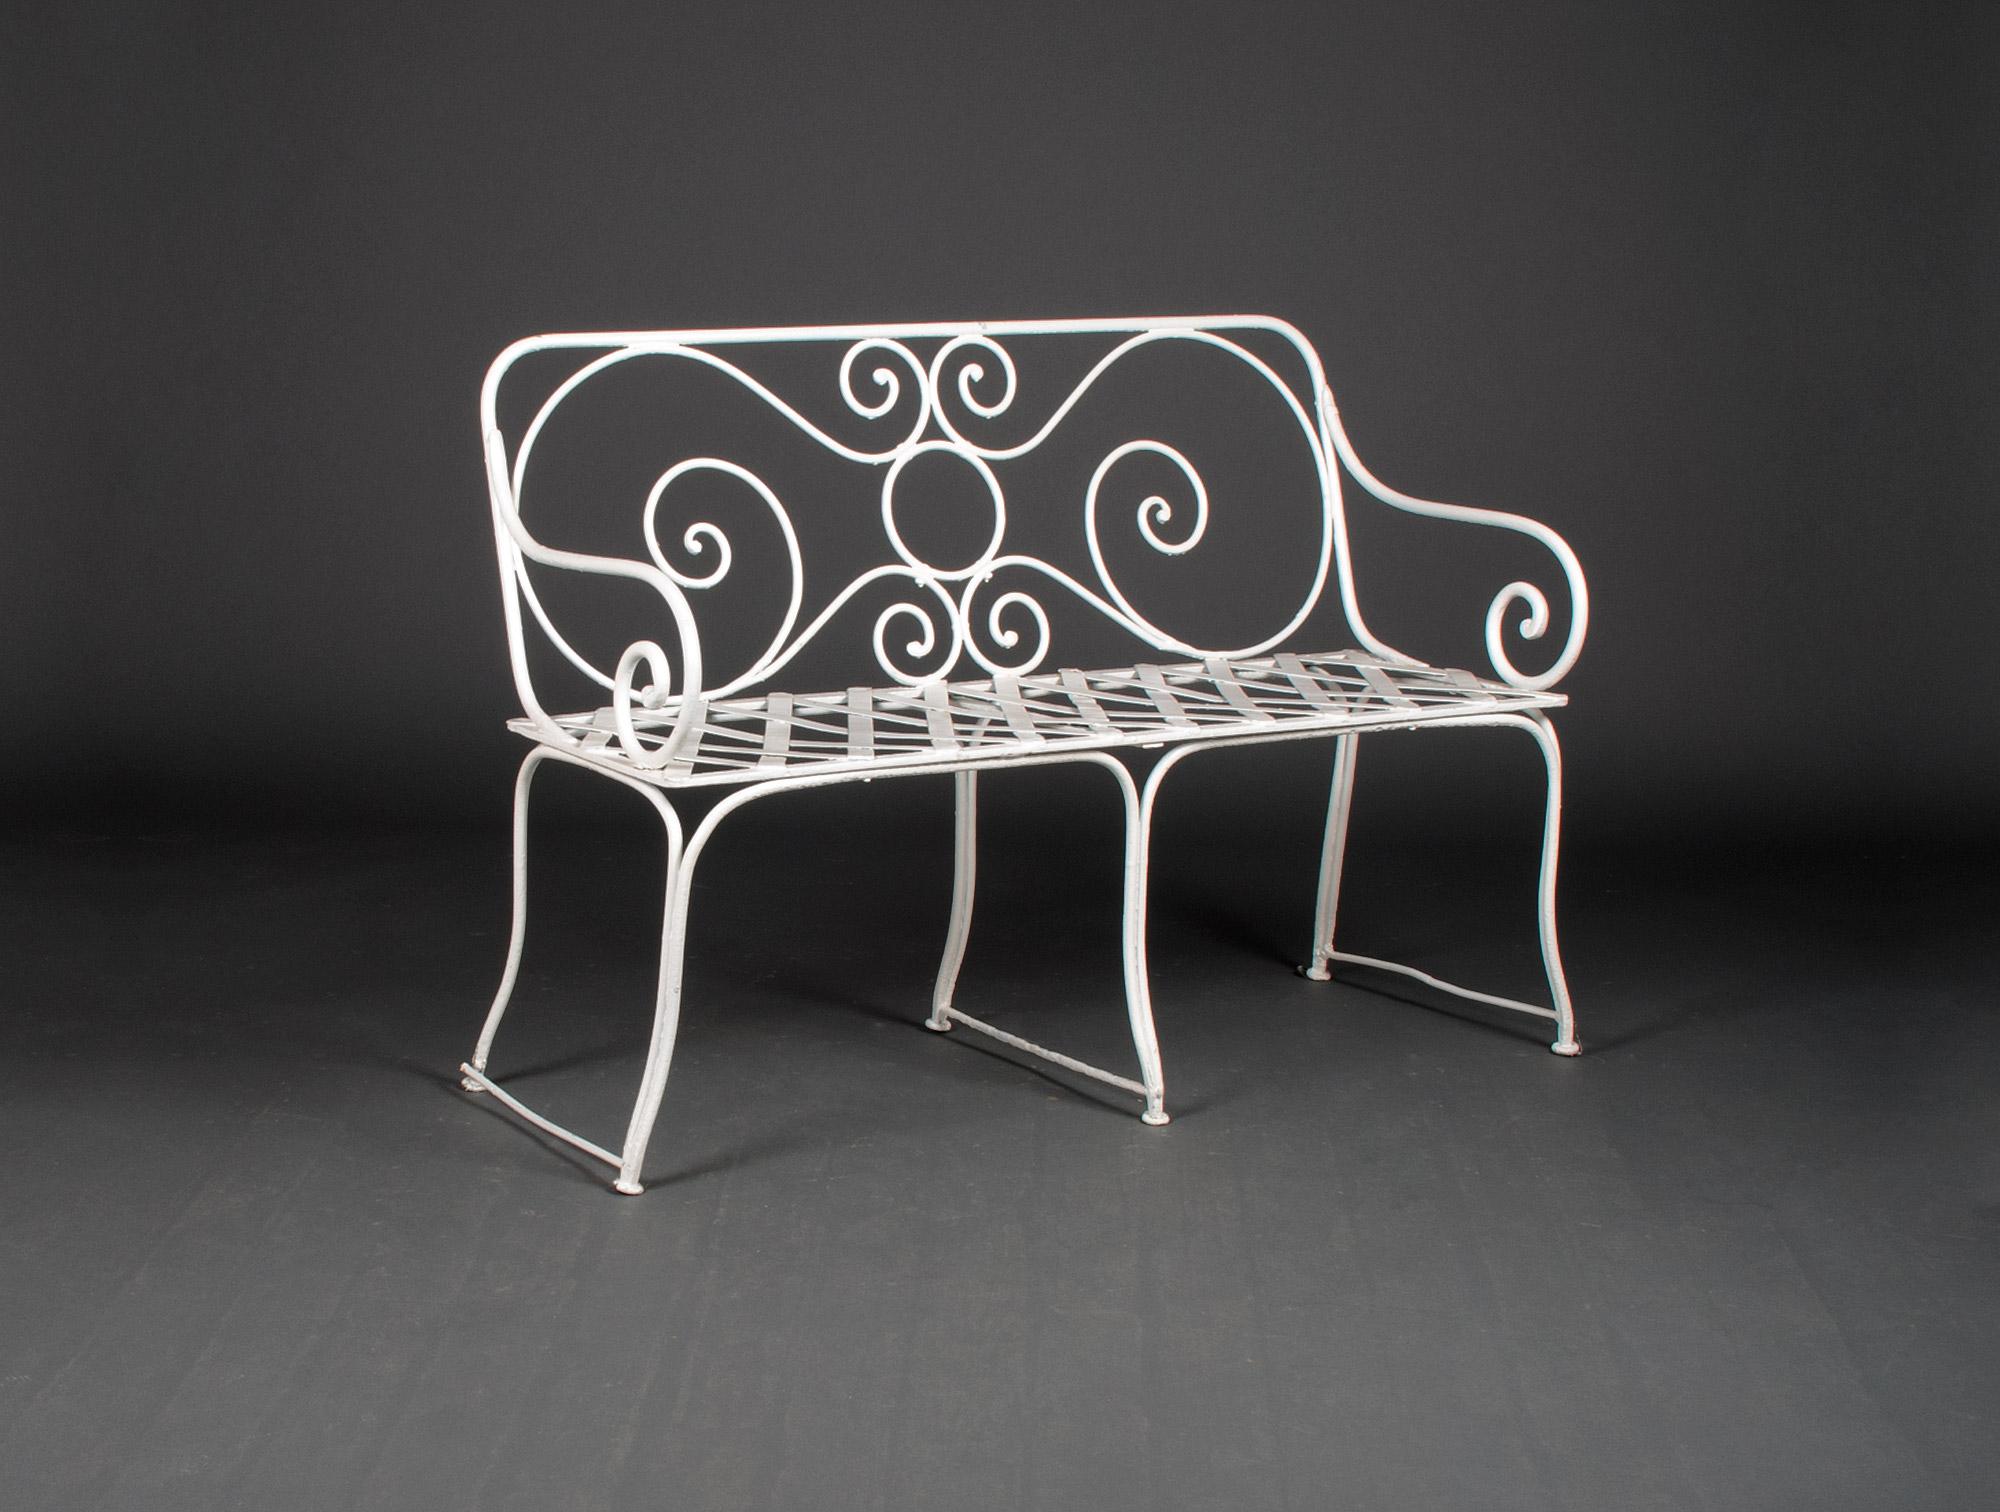 petite banquette de jardin soubrier louer mobiliers meuble de jardin xxe. Black Bedroom Furniture Sets. Home Design Ideas